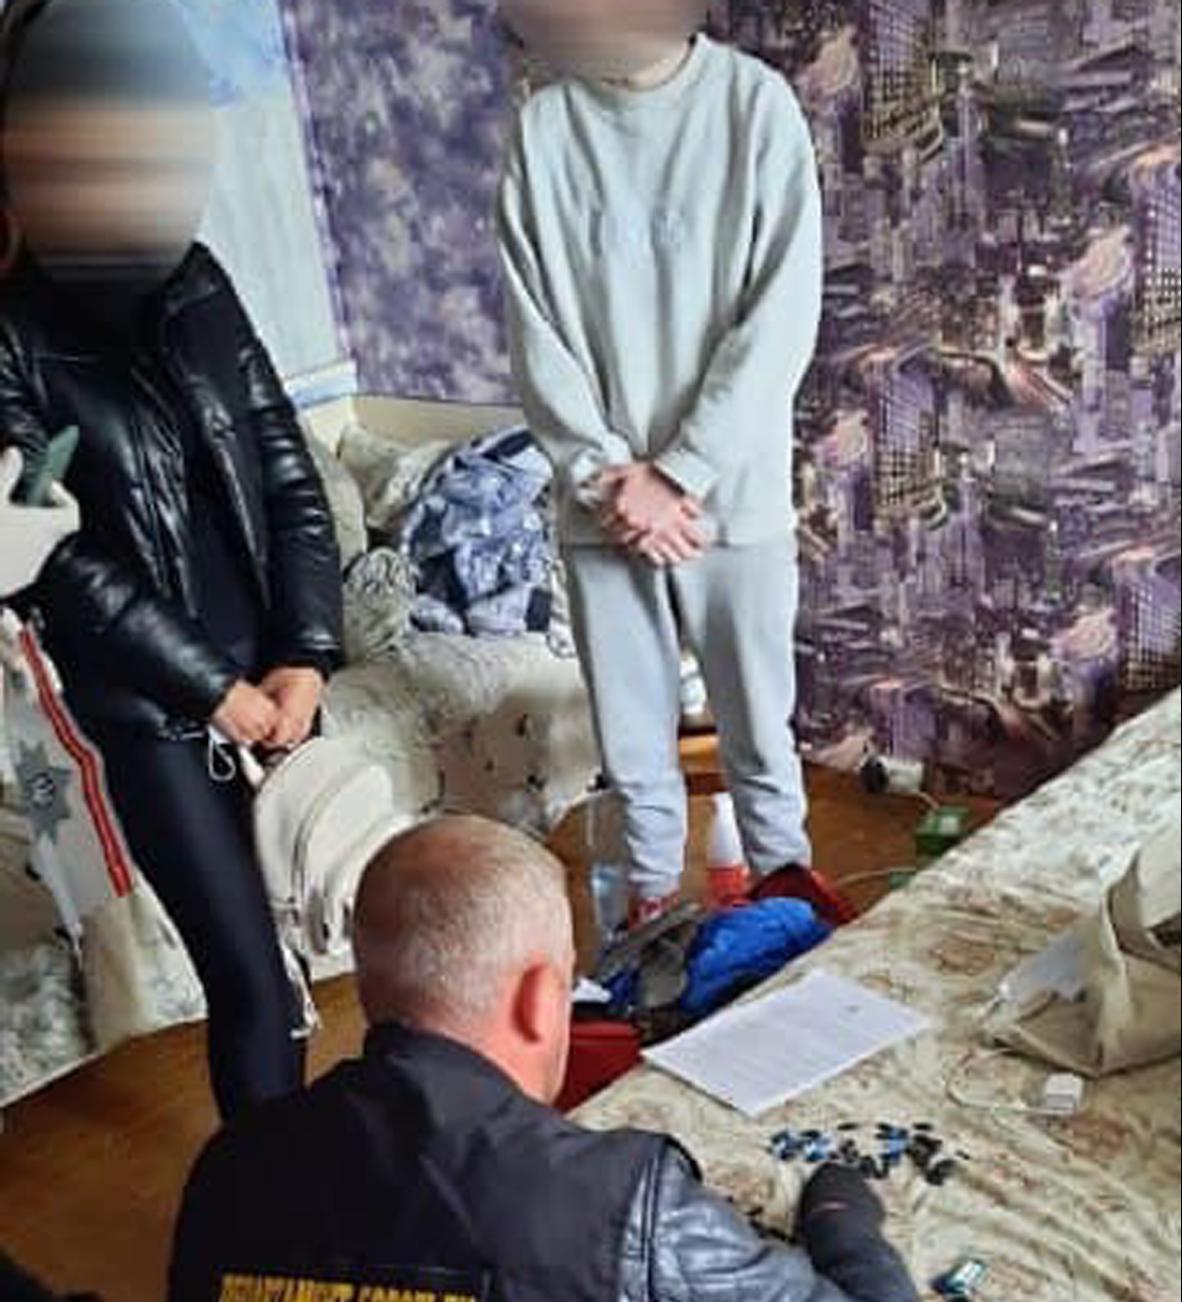 Черкащанину загрожує до 8 років ув'язнення за збут метадону